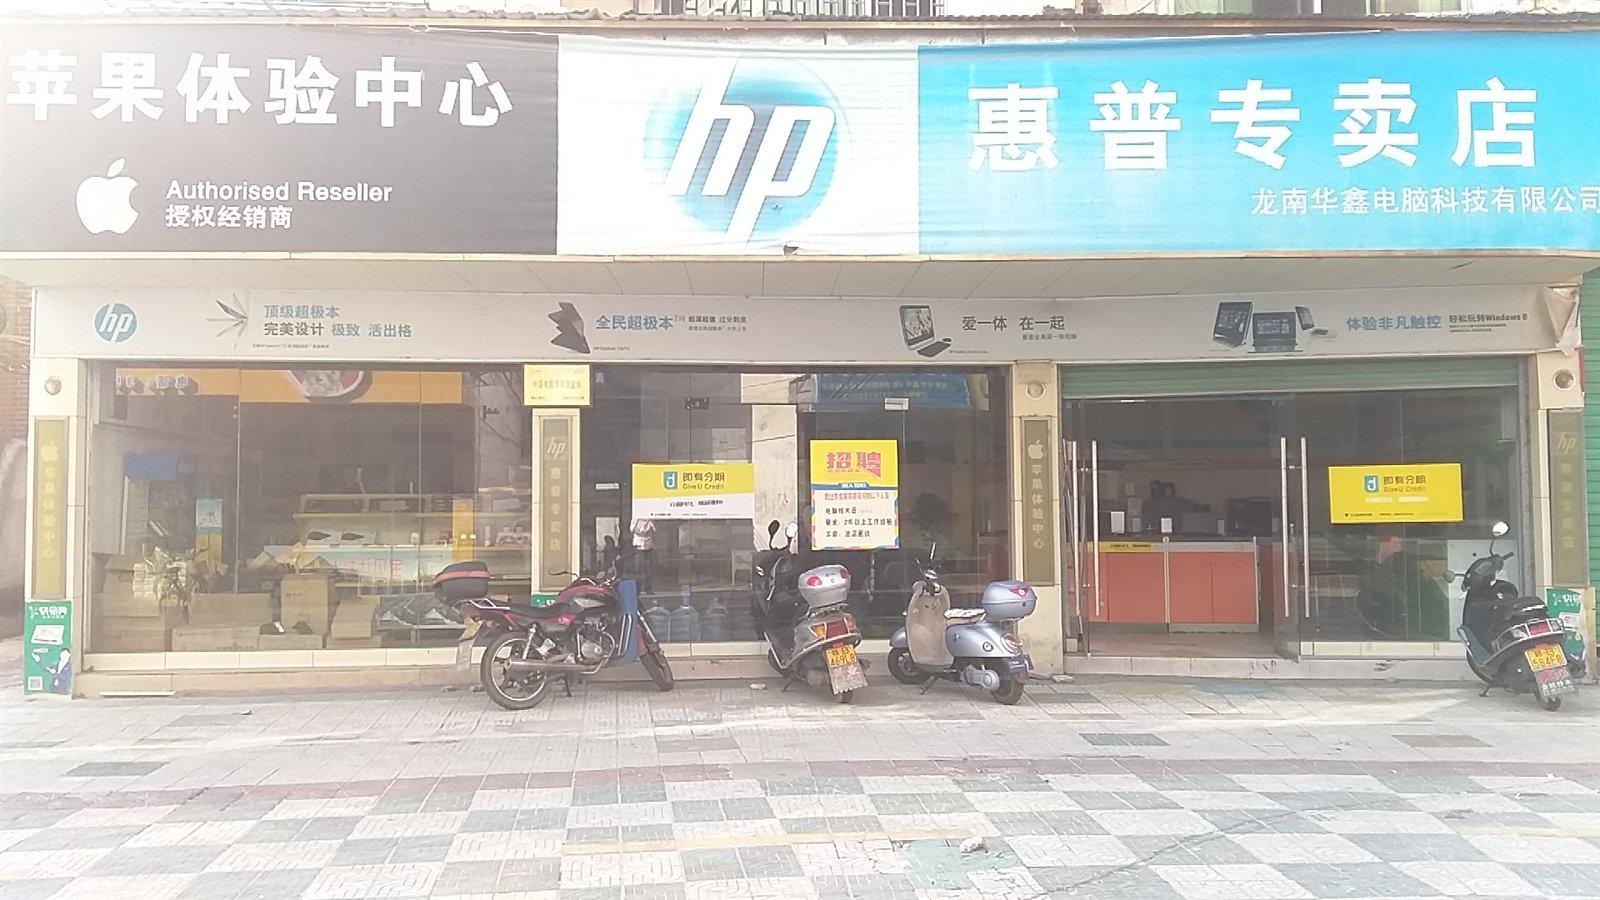 476494澳门太阳城平台县华鑫电脑科技